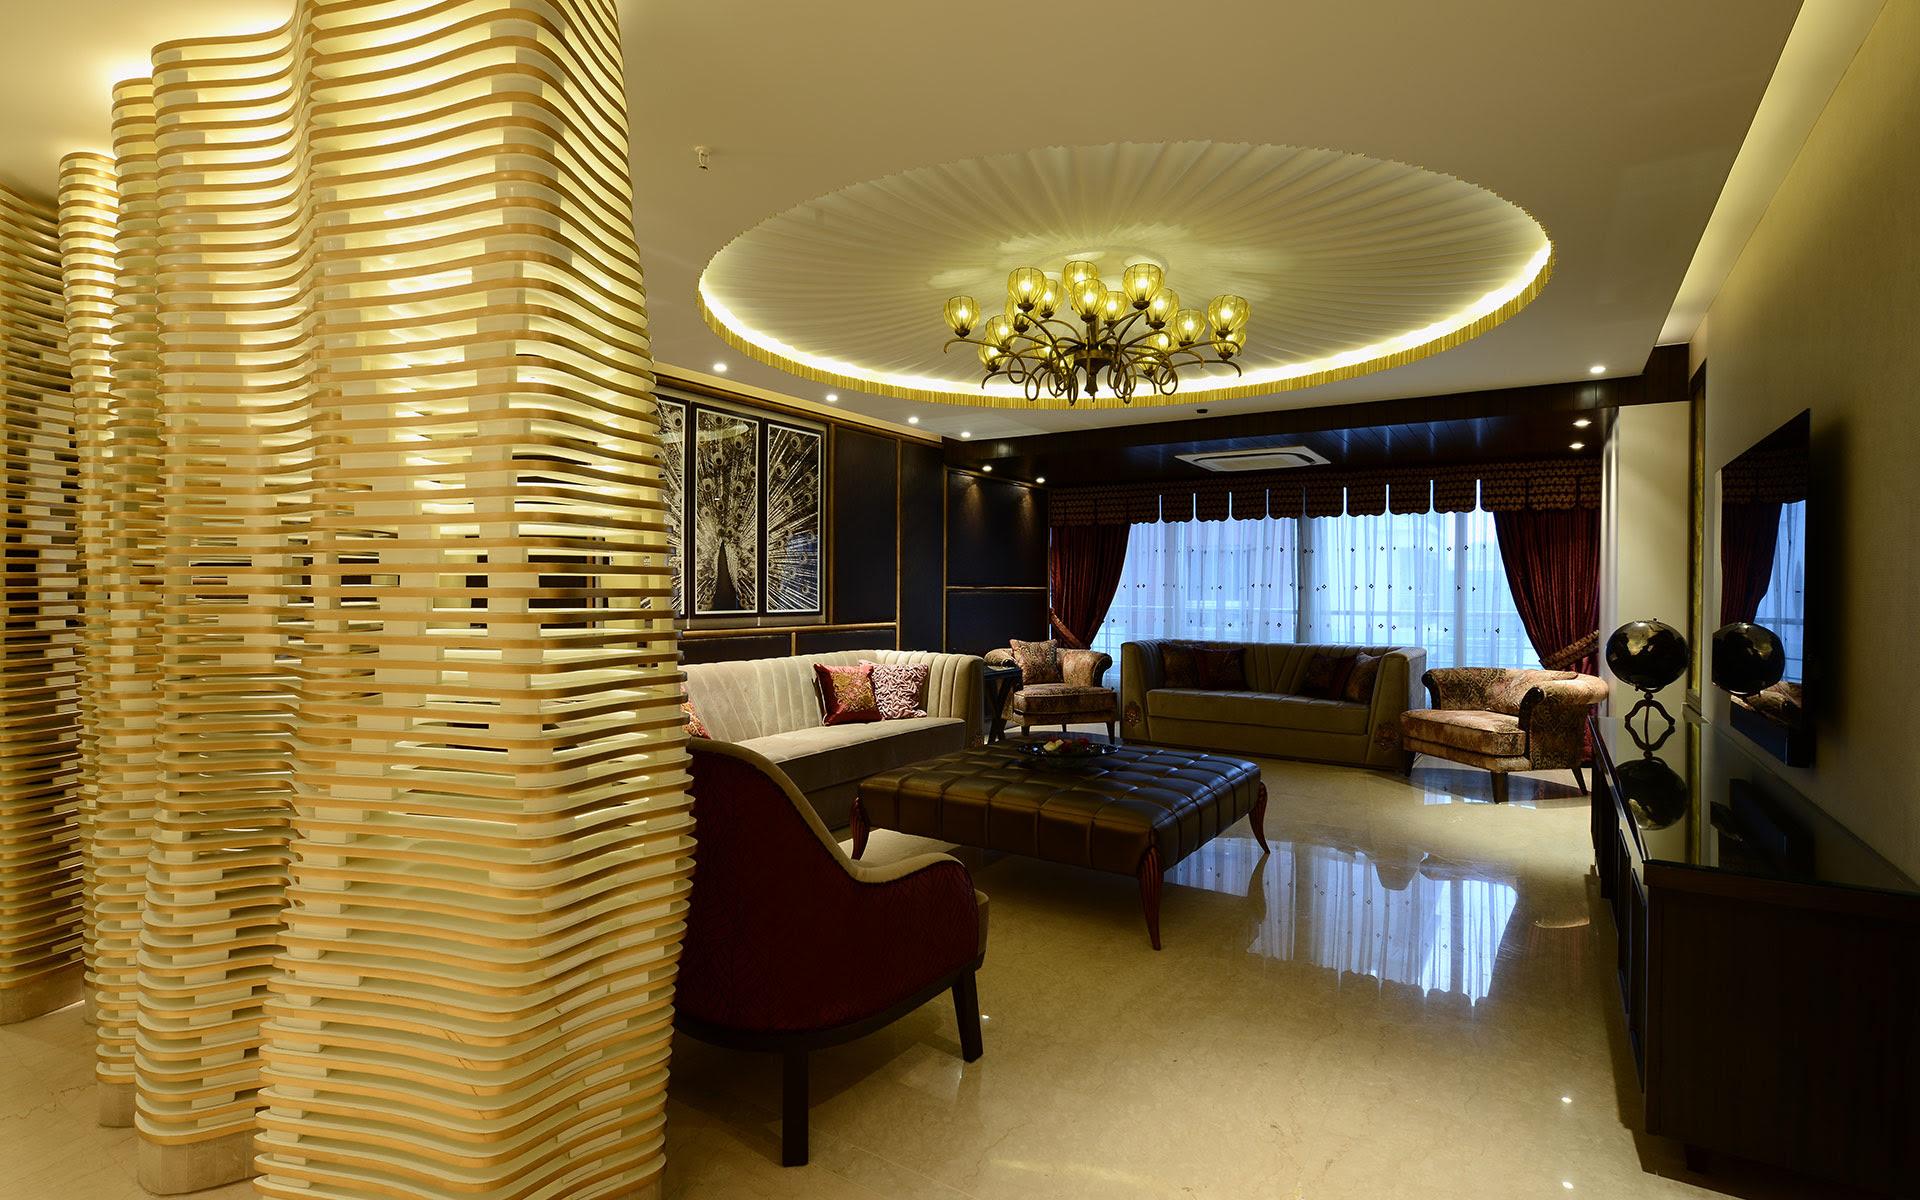 Best Architecture and top Interior Design in India,Bangalore - Apartment Interior Design Hyderabad